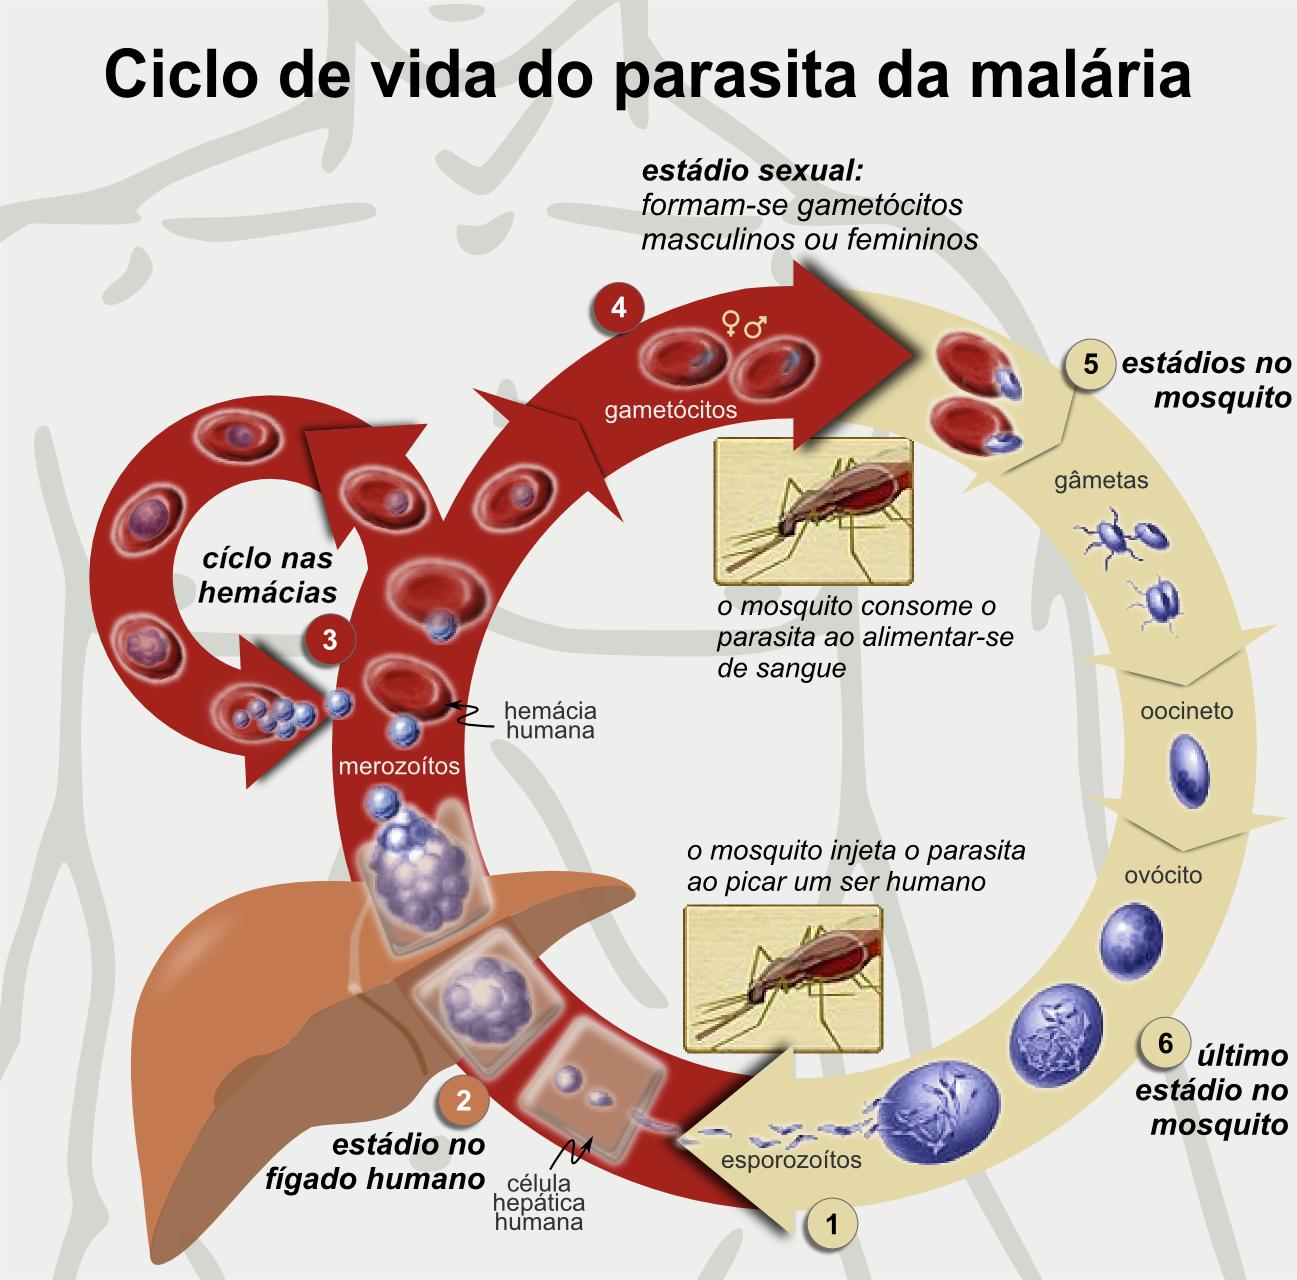 Representação do ciclo de vida do parasita que causa a malária.